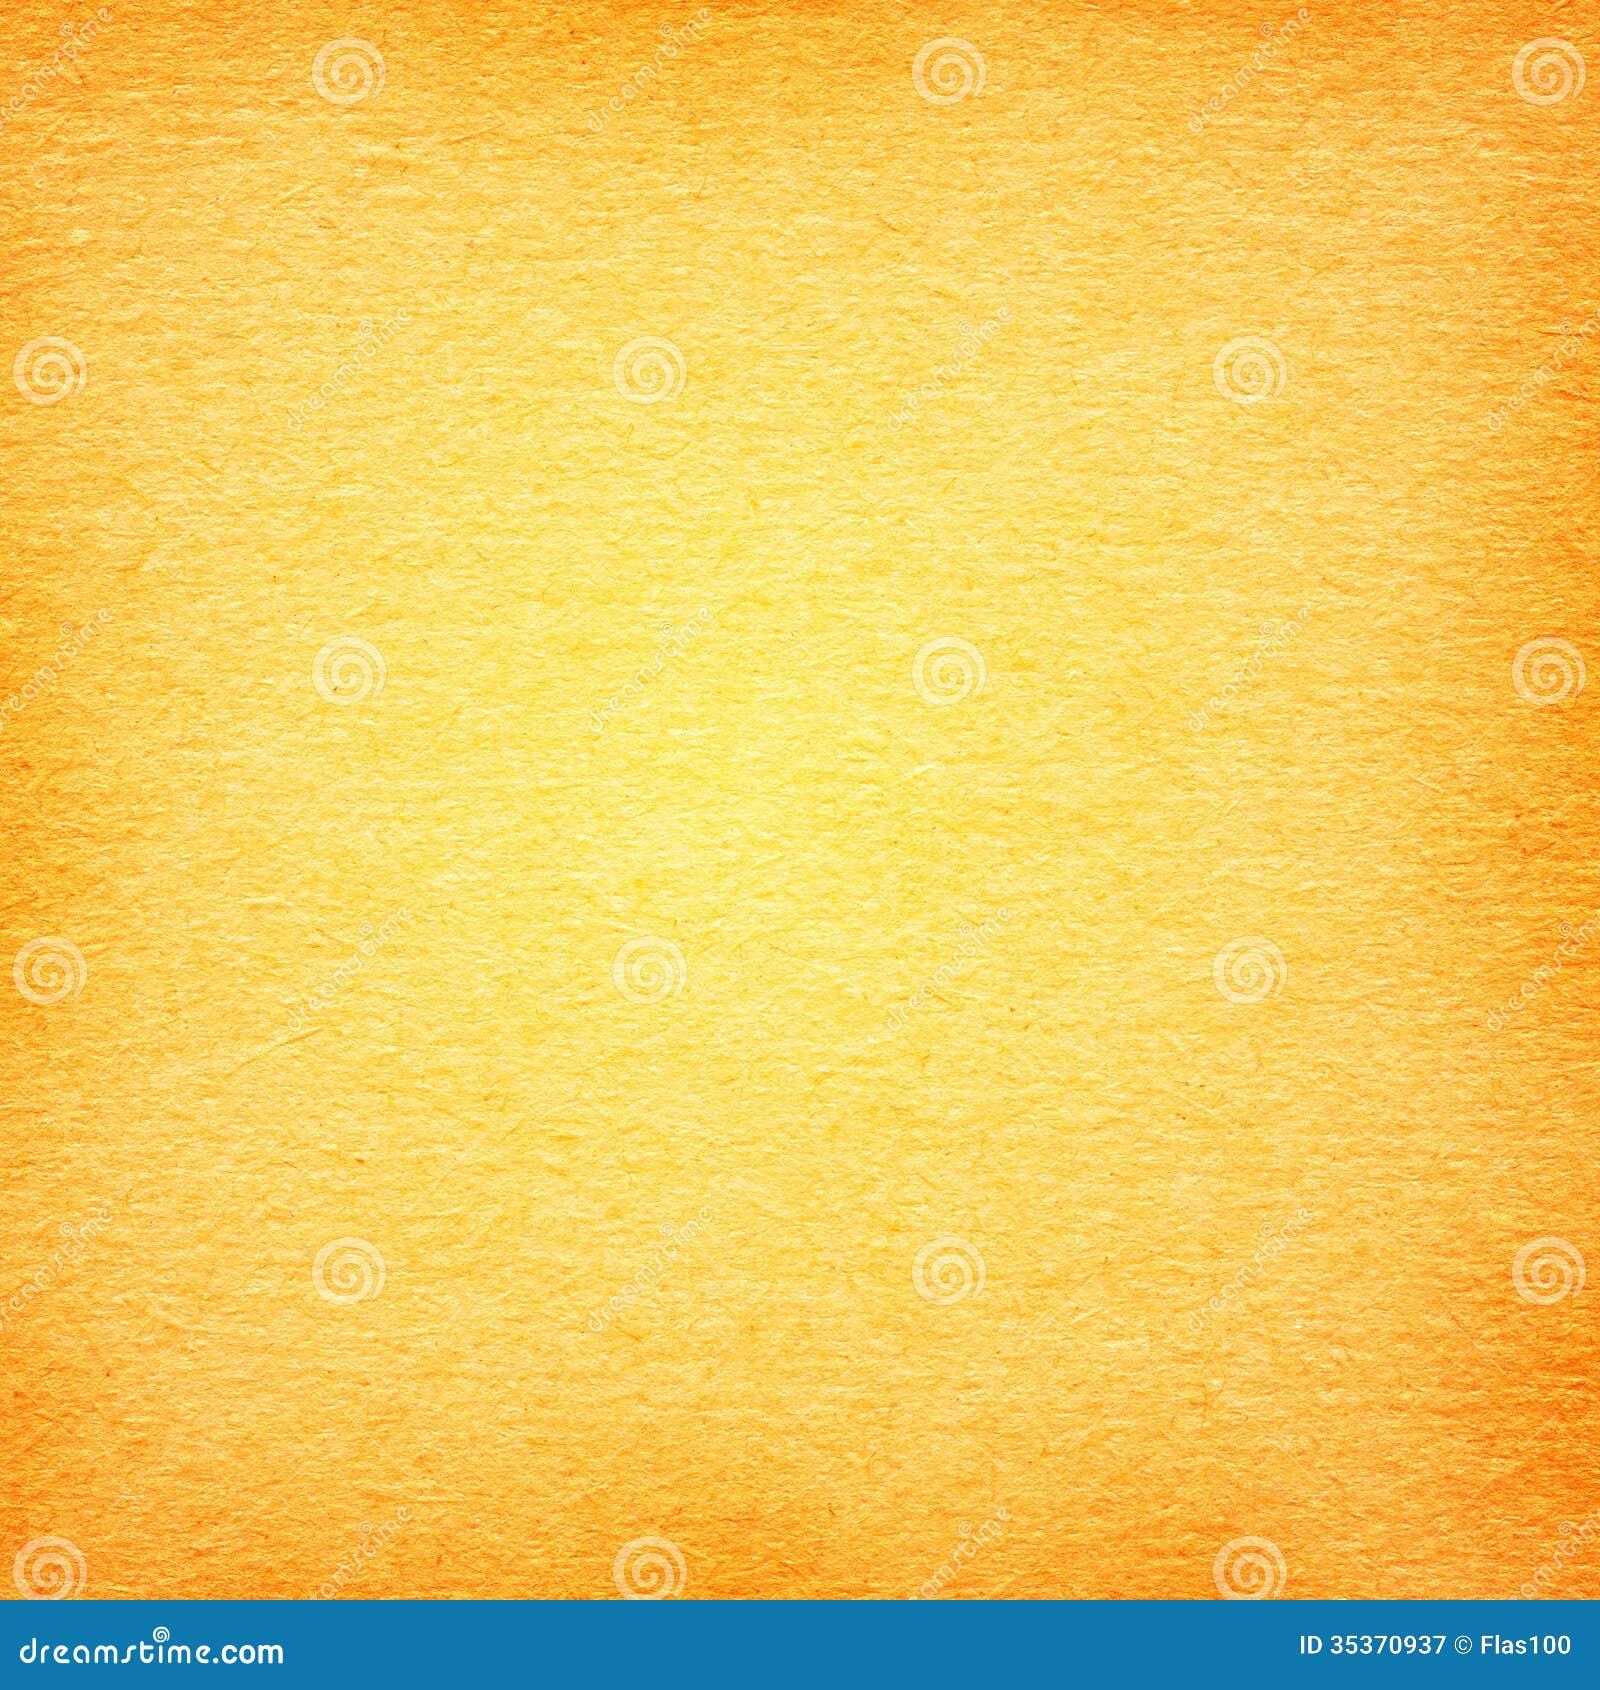 orange background free stock - photo #29